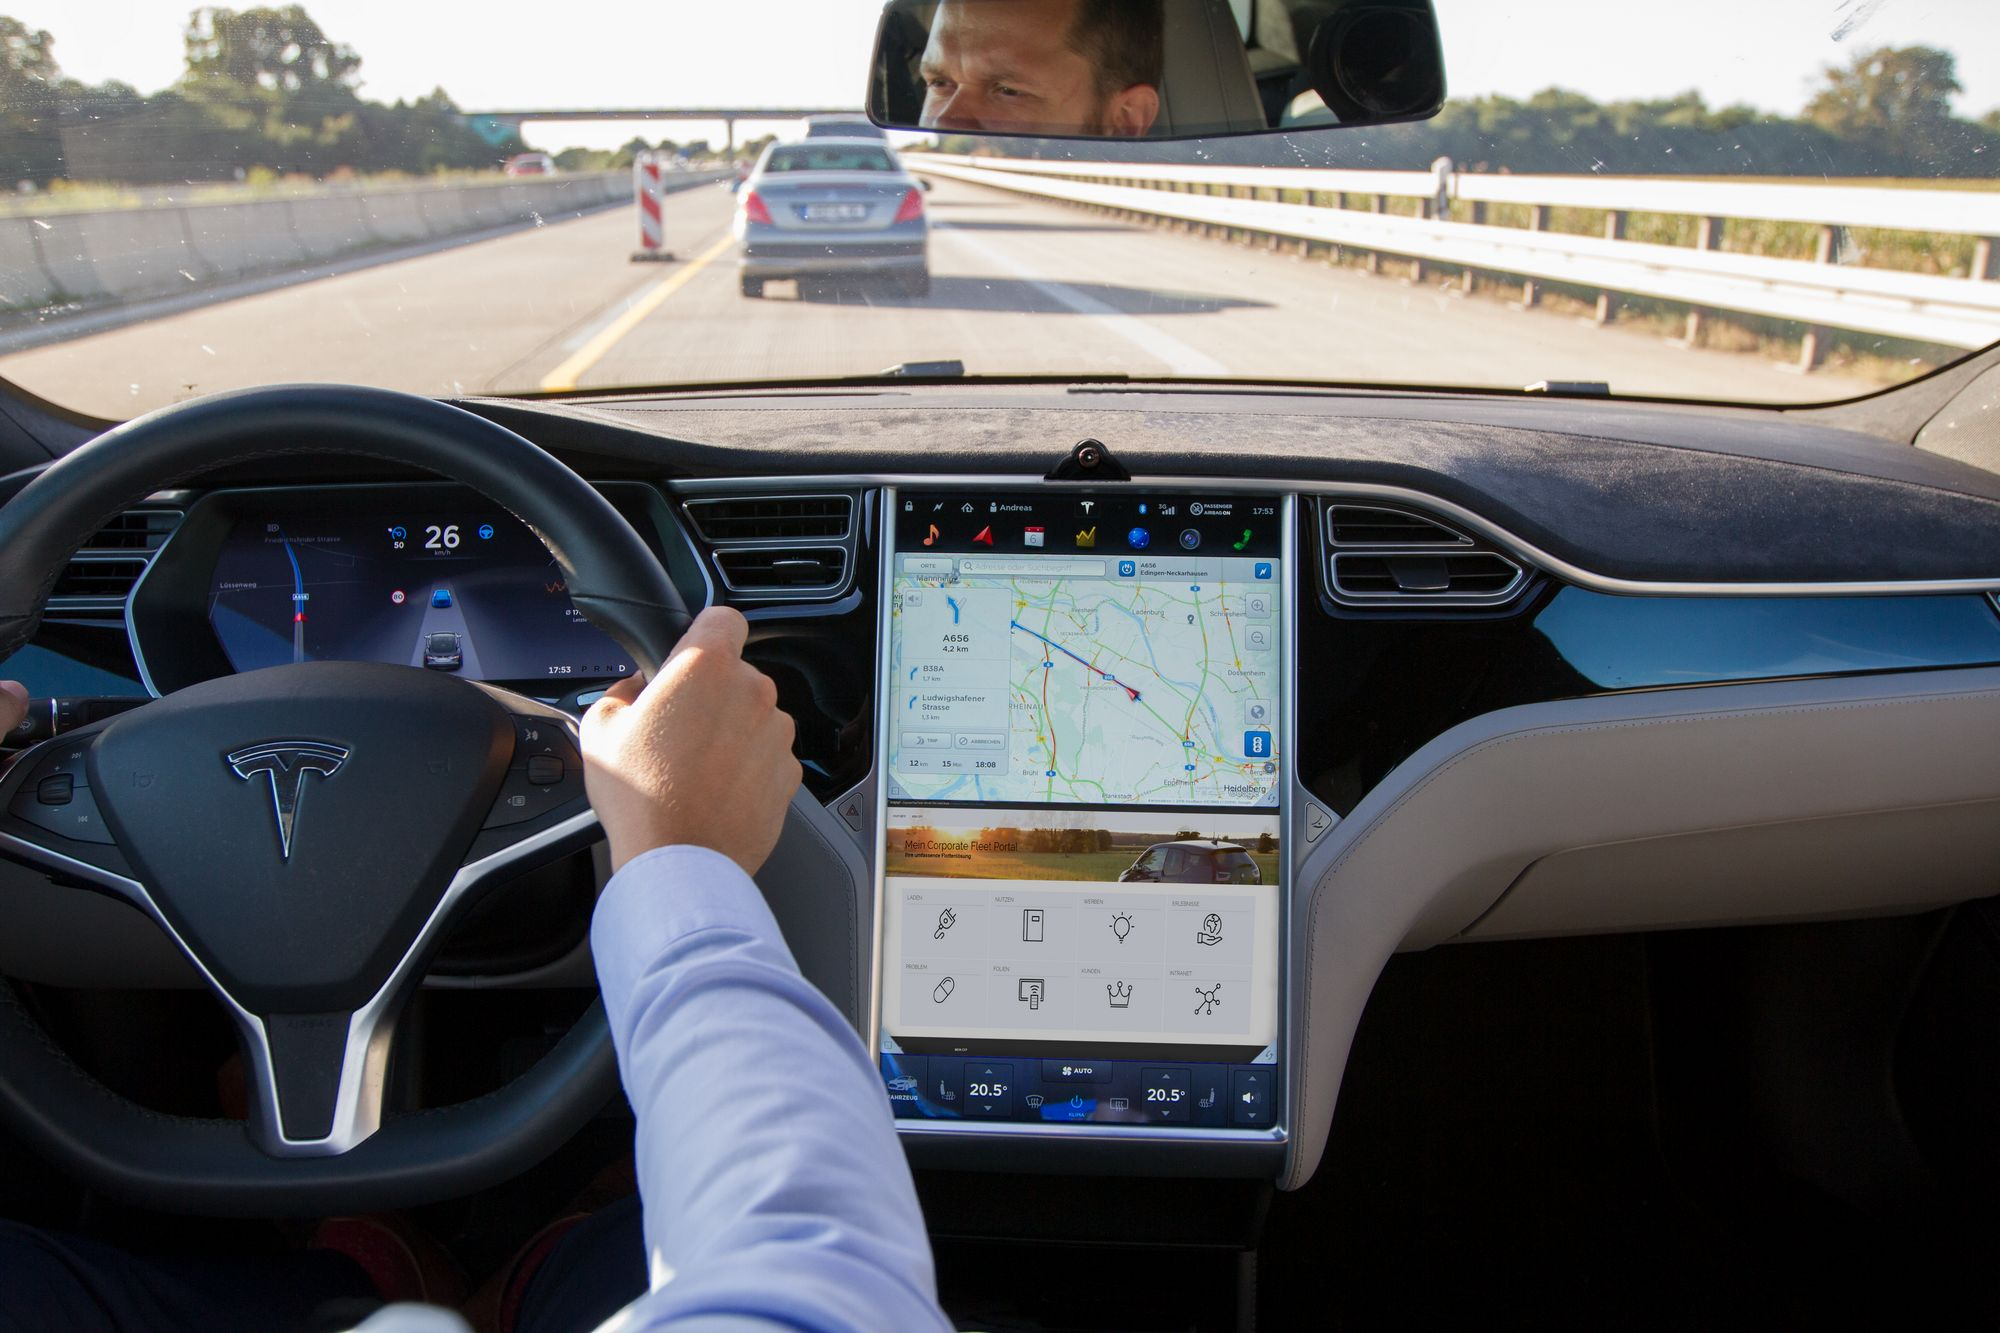 Foto eines Autocockpits mit Navigationssystem und Dashcam vom Fahrer aus (Bildquelle: BridgingIT)